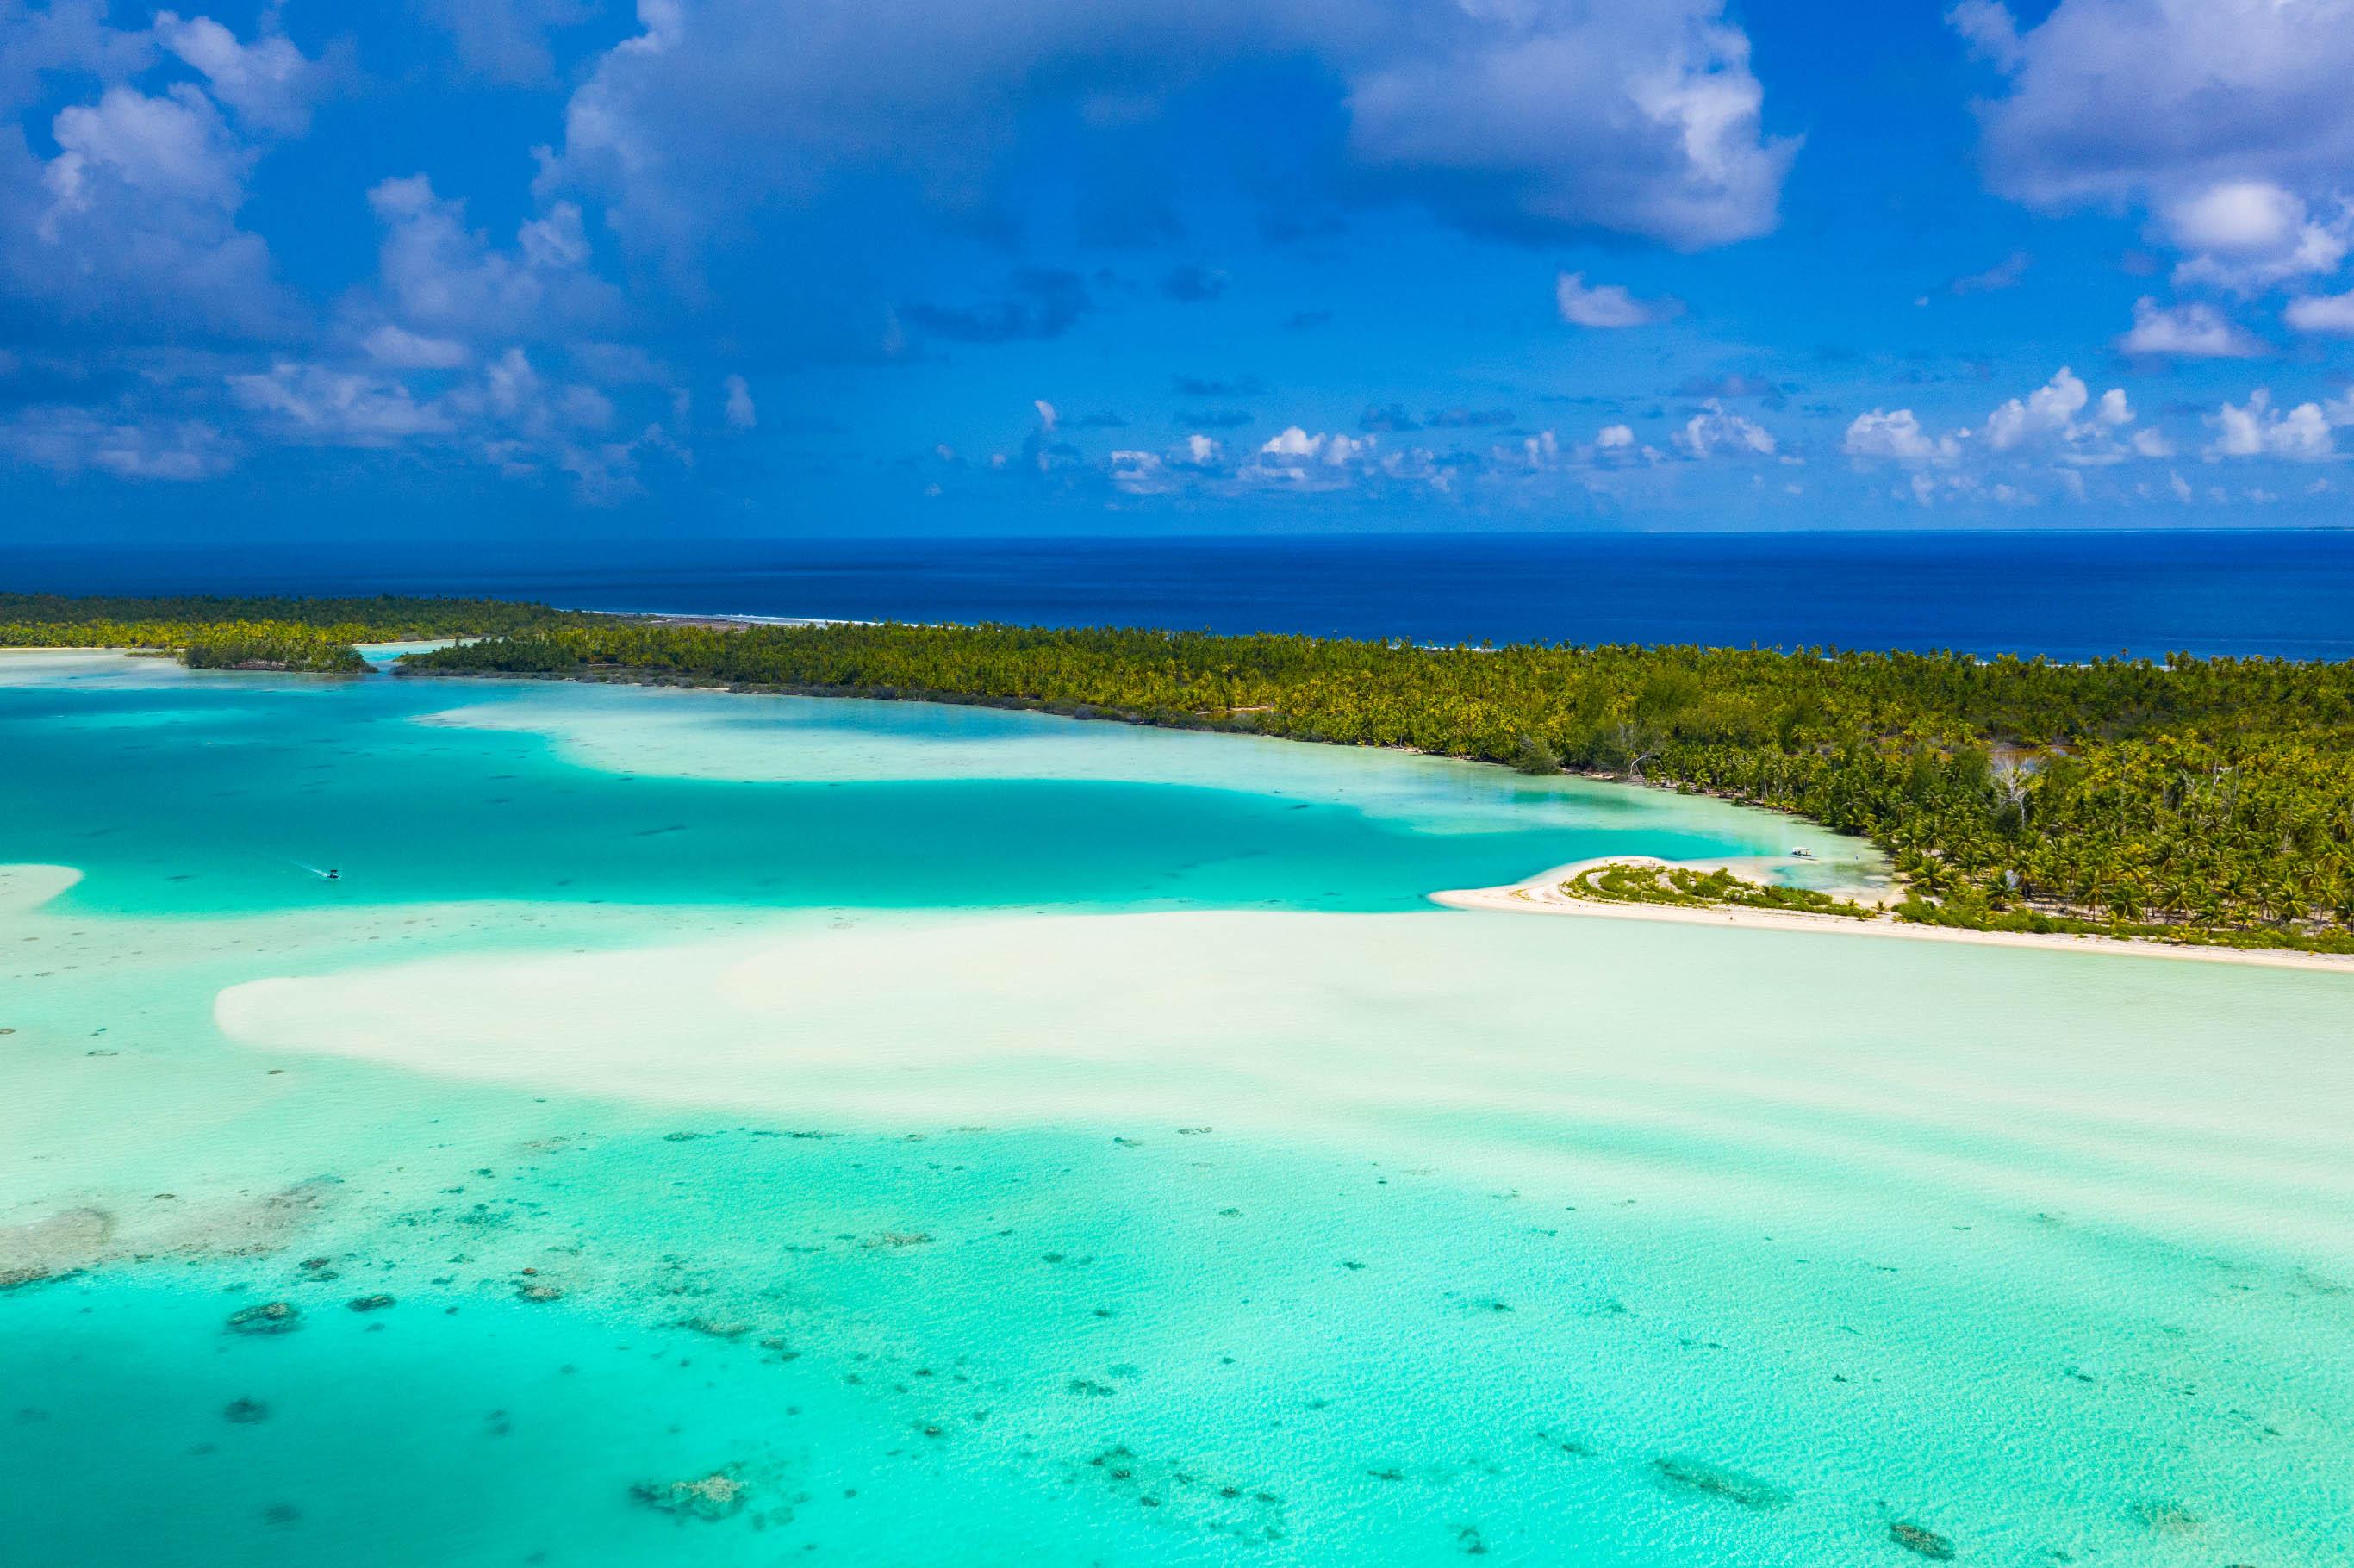 Fakarava Atoll white sand beach